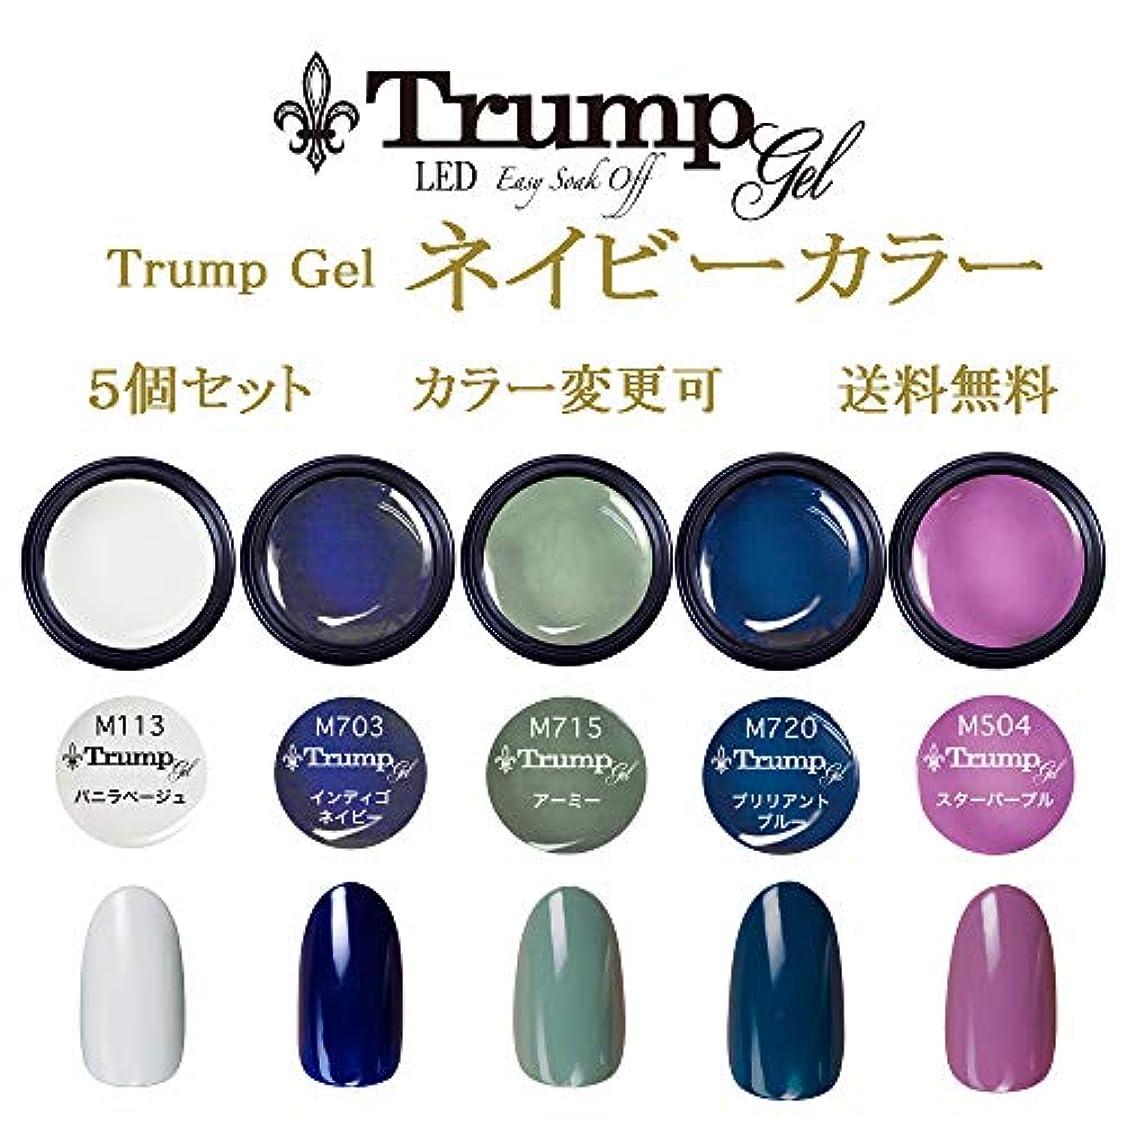 拡大するランク落胆する日本製 Trump gel トランプジェル ネイビーカラー 選べる カラージェル 5個セット ホワイト ブルー ネイビー パープル カーキ グリーン